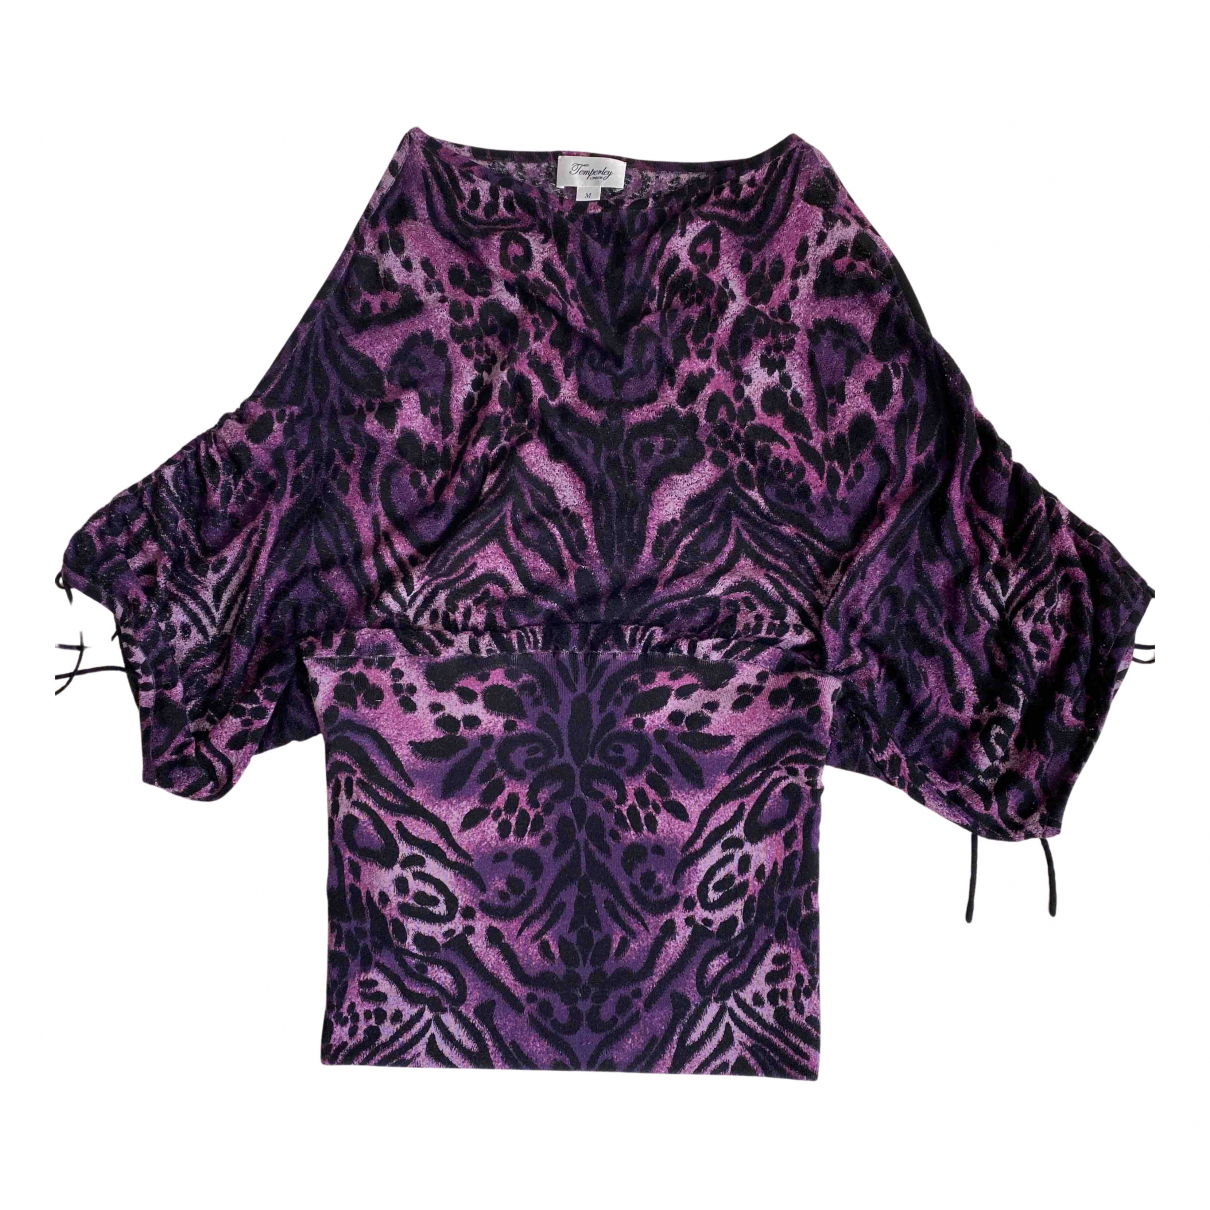 Temperley London \N Kleid in  Lila Wolle